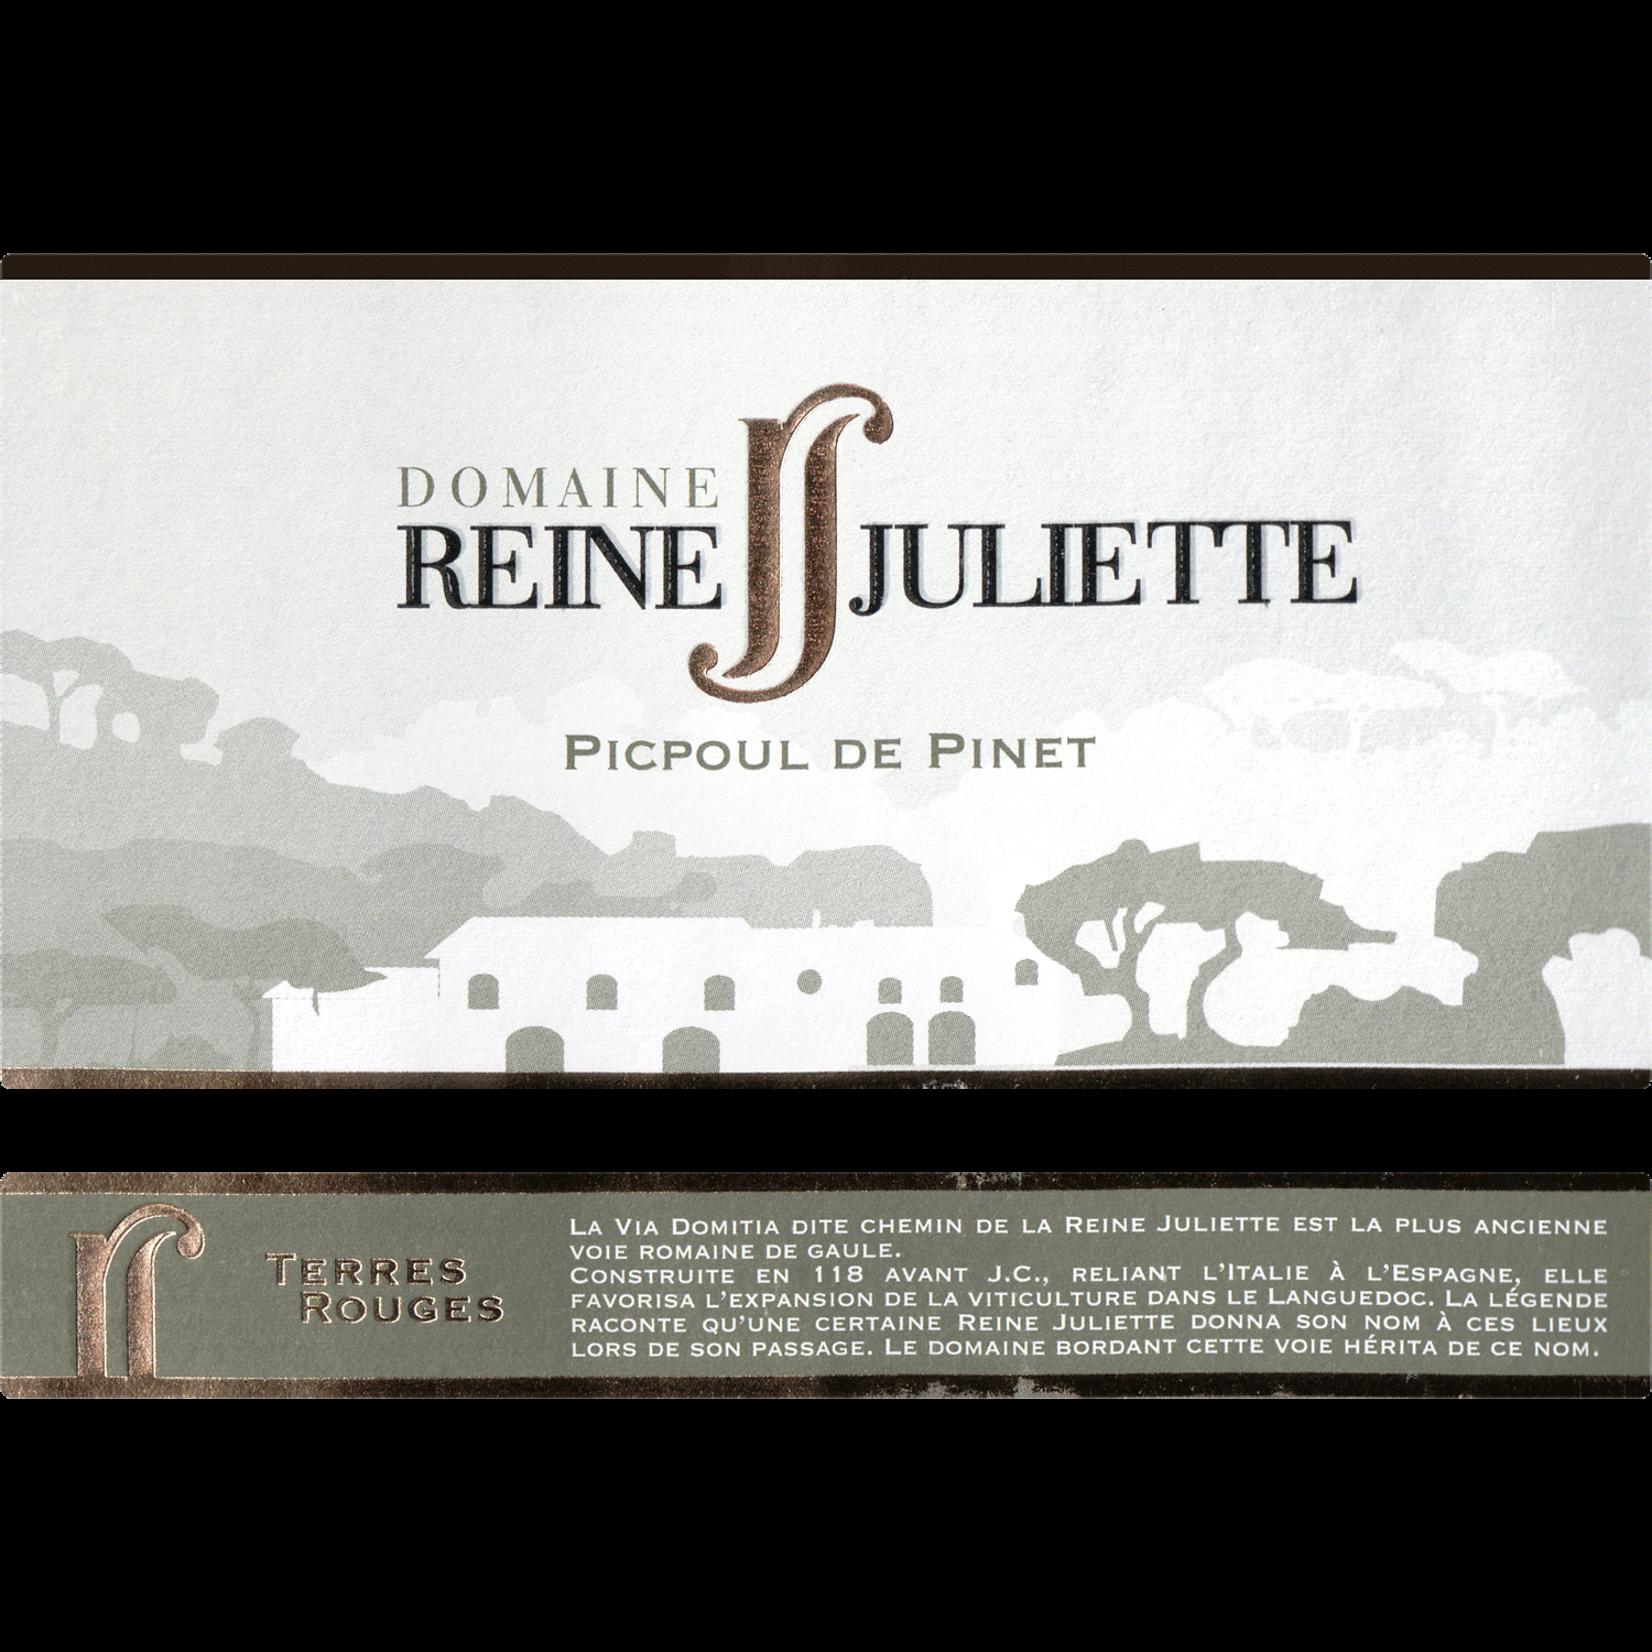 Wine Domaine Reine Juliette Picpoul de Pinet 2019